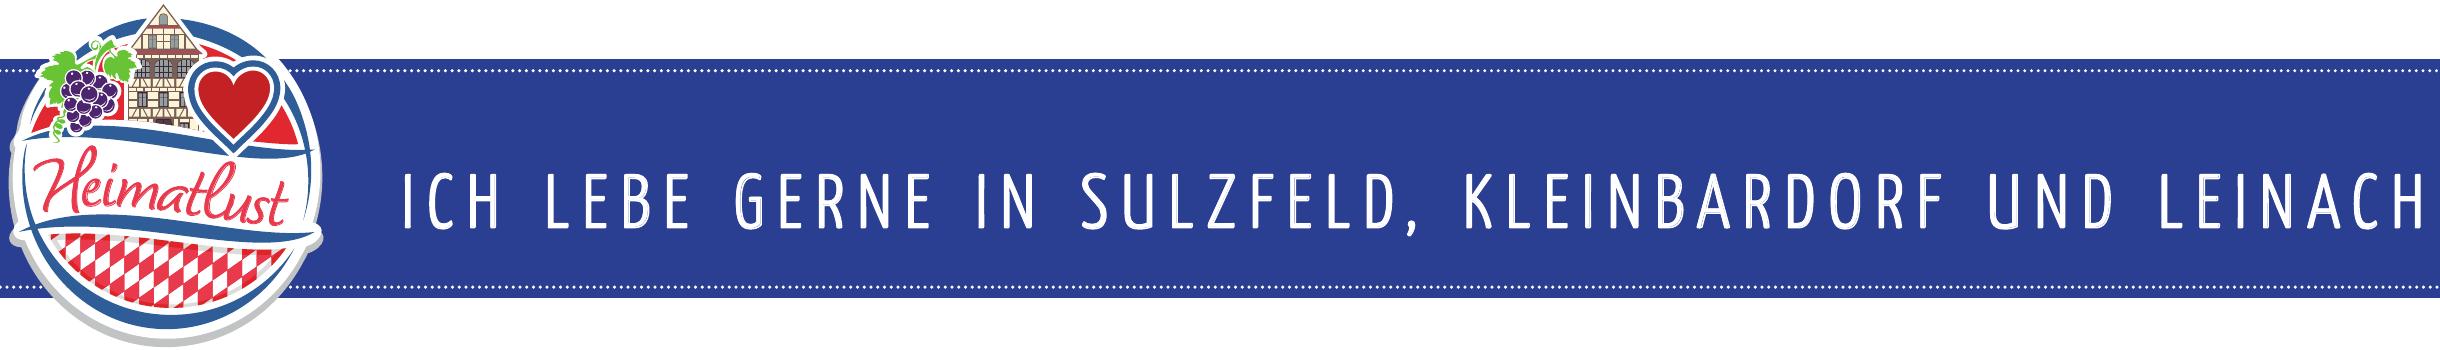 Ich Lebe gerne in Sulzfeld, Kleinbardorf und Leinach Image 1